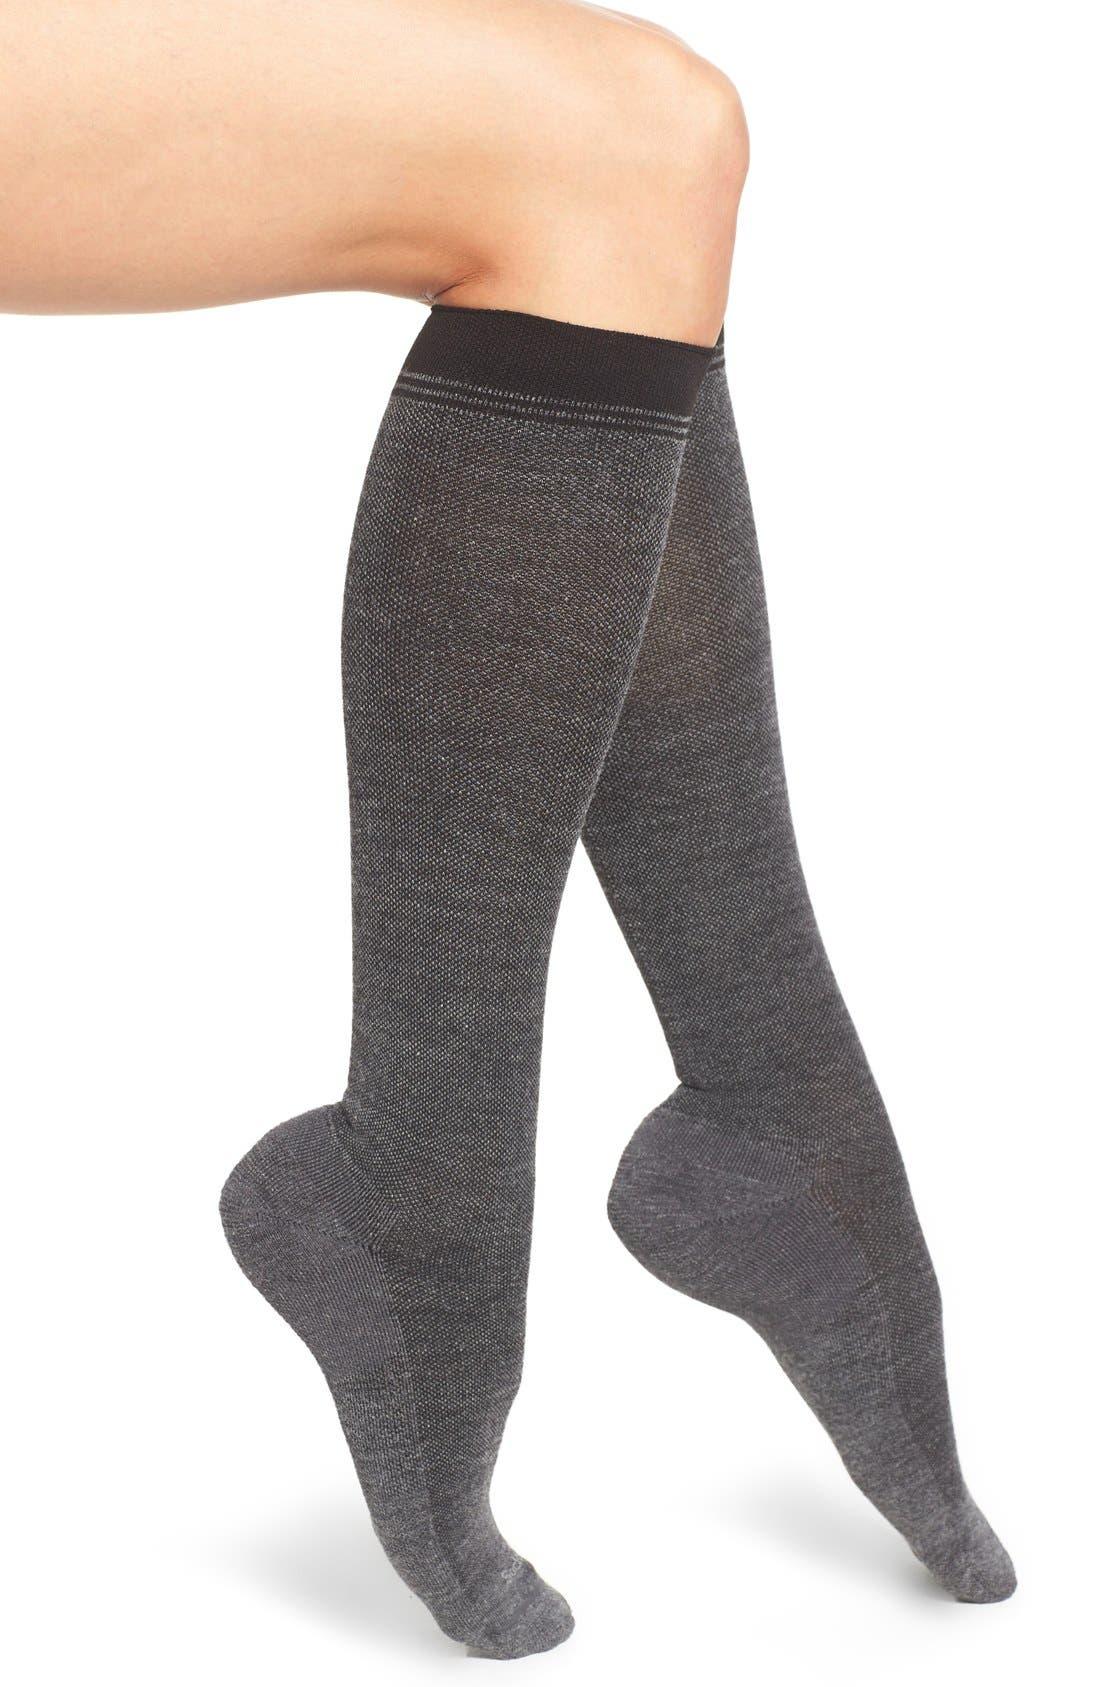 Alternate Image 1 Selected - Sockwell 'Rejuvenator' Compression Knee Socks